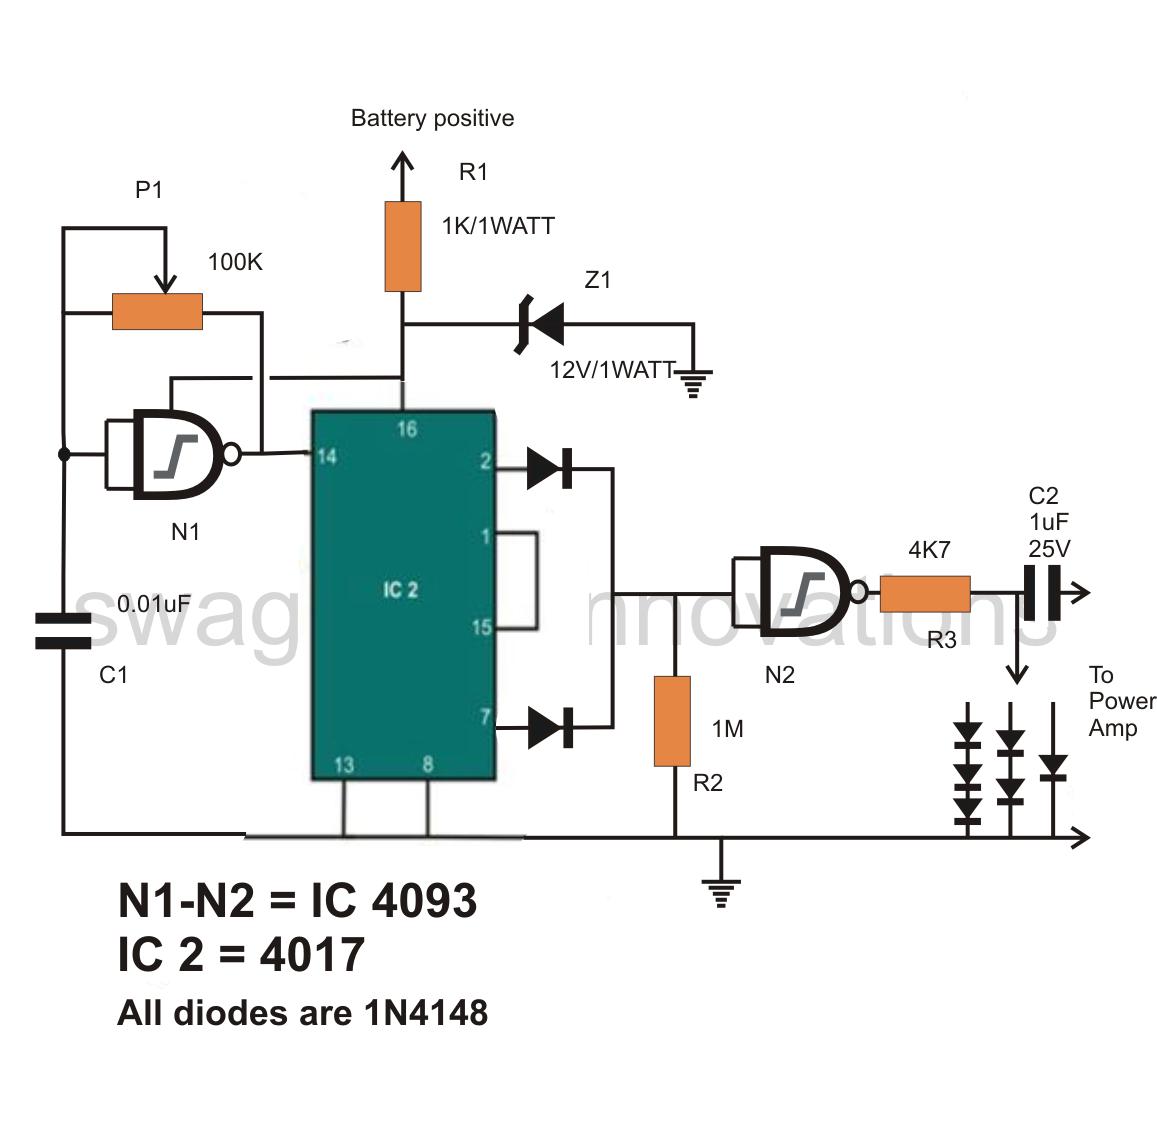 medium resolution of scematic diagram panel pure sine wave inverter circuit diagram free sine wave inverter circuit diagram as well pure sine wave inverter in source